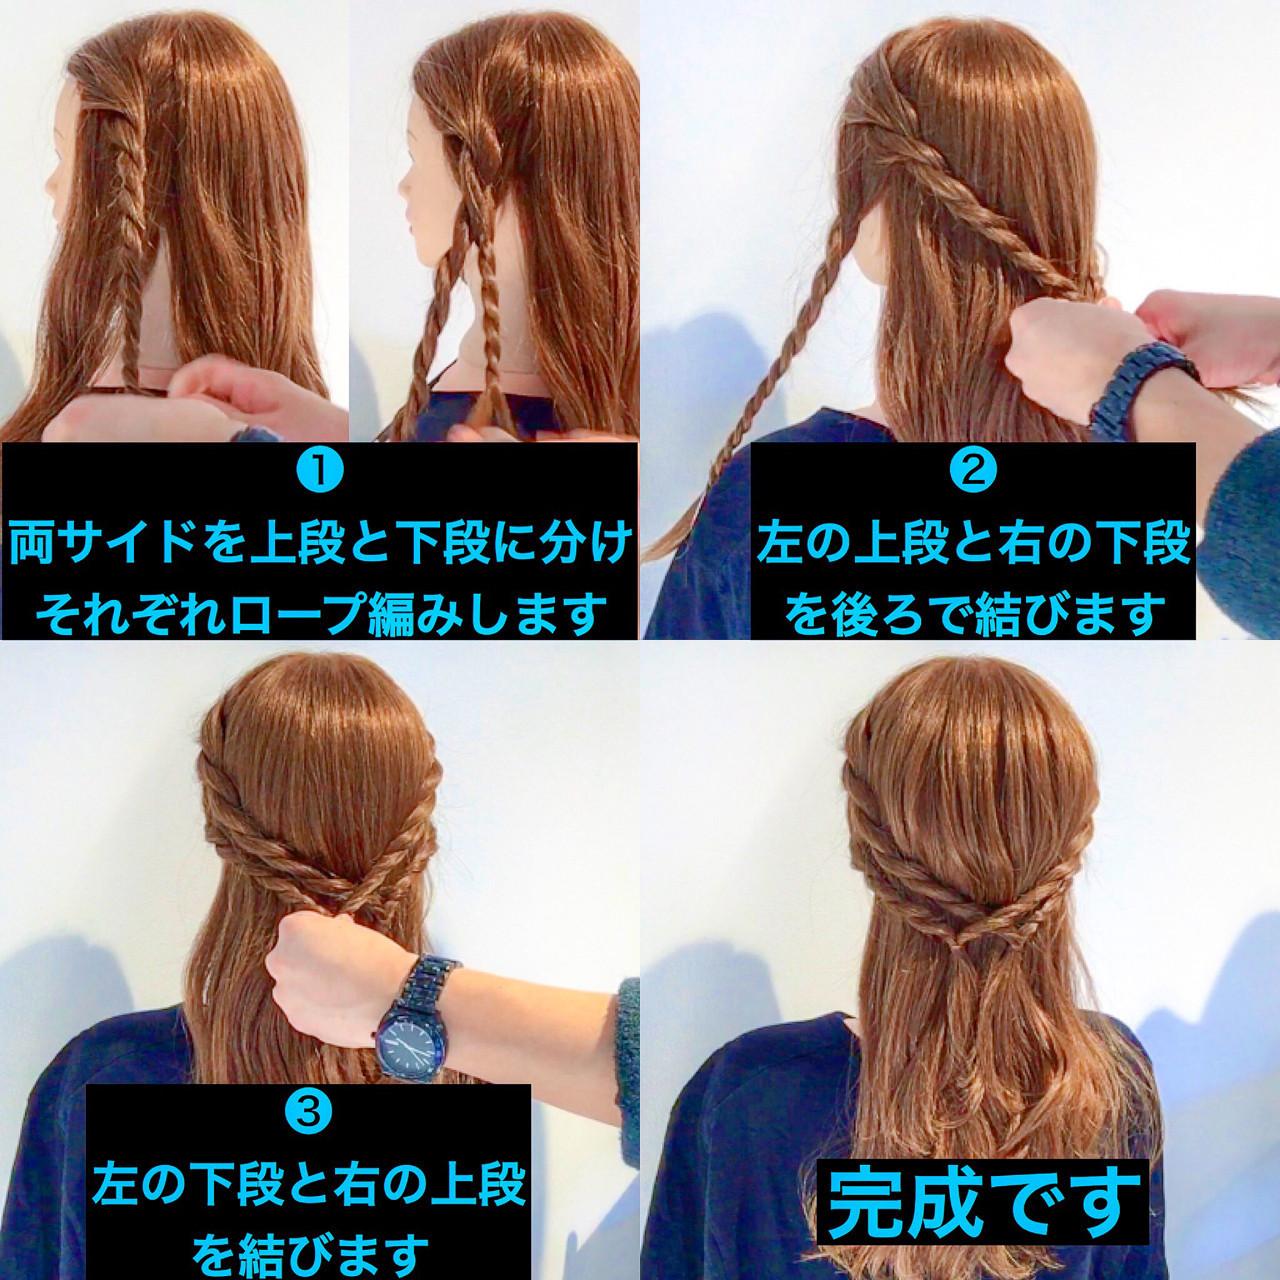 アウトドア デート ヘアアレンジ ロング ヘアスタイルや髪型の写真・画像